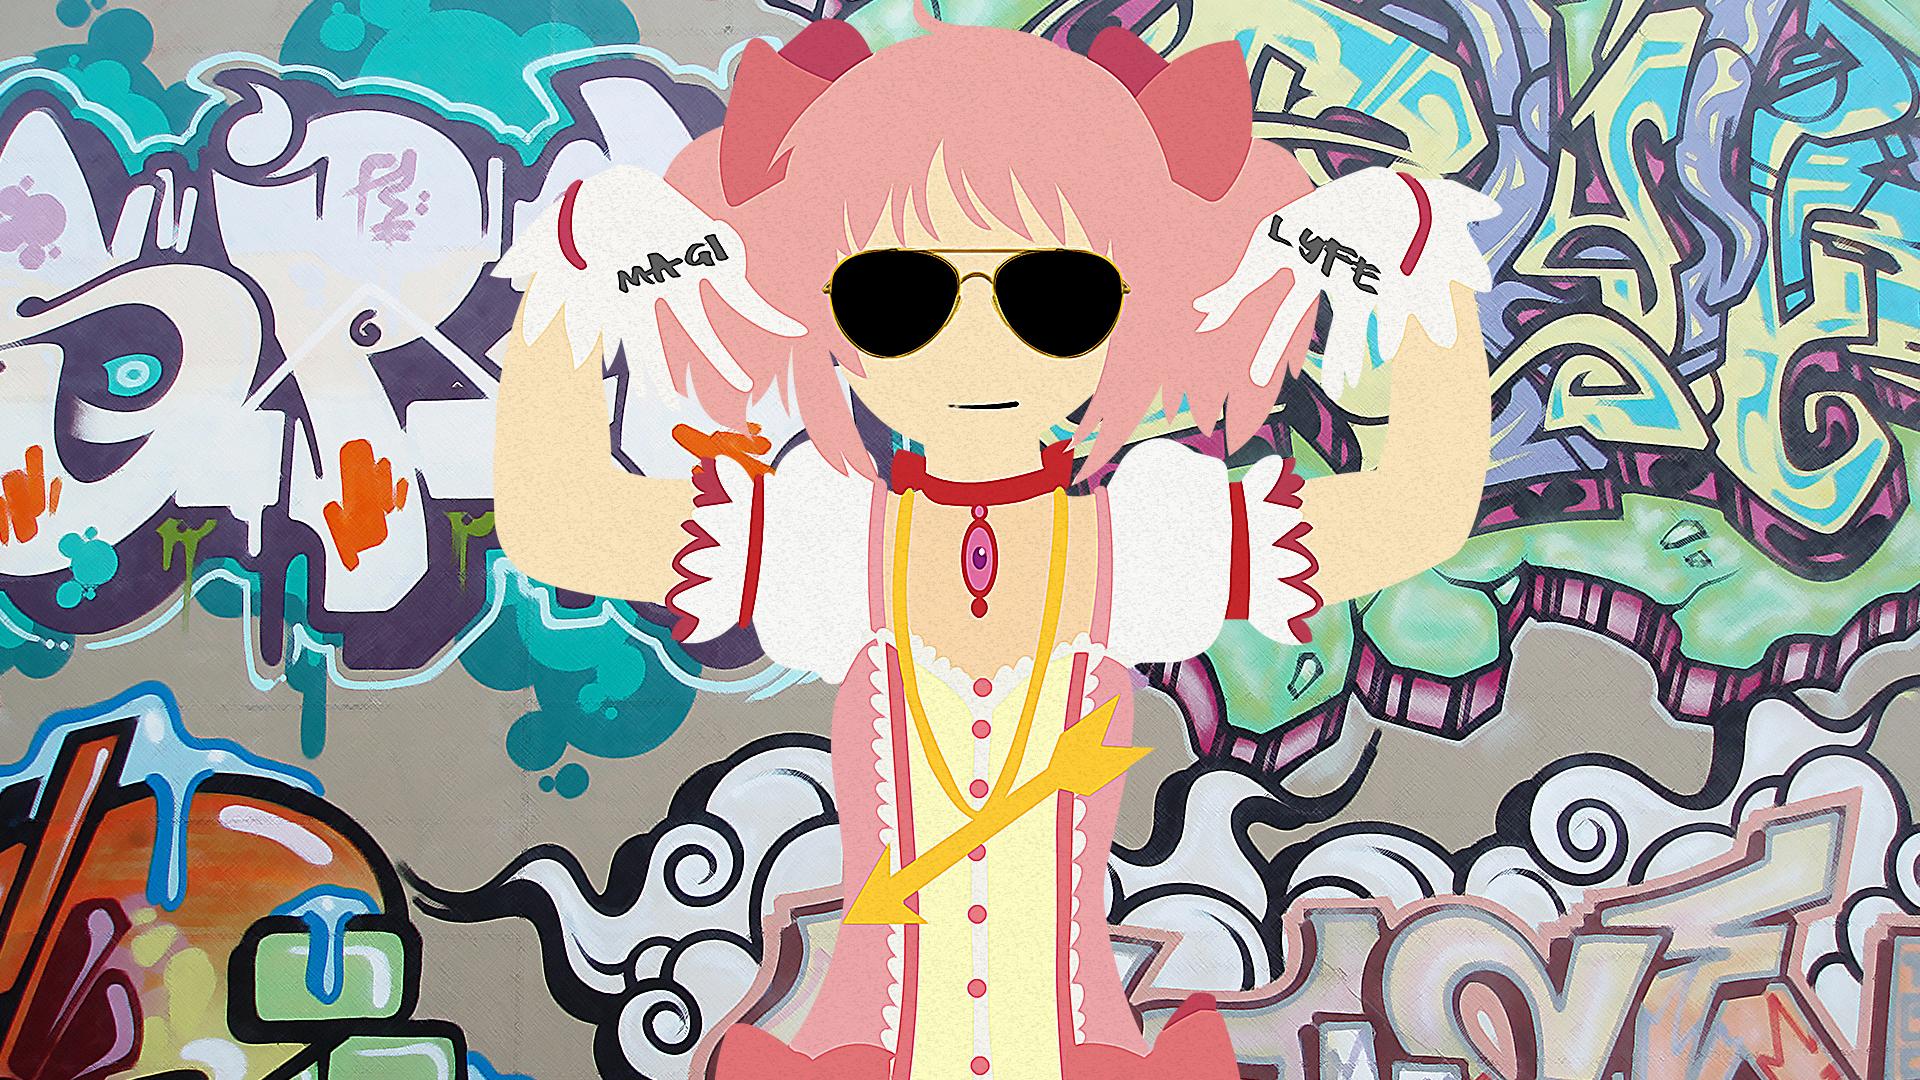 madoka wallpaper puella magi madoka magica photo